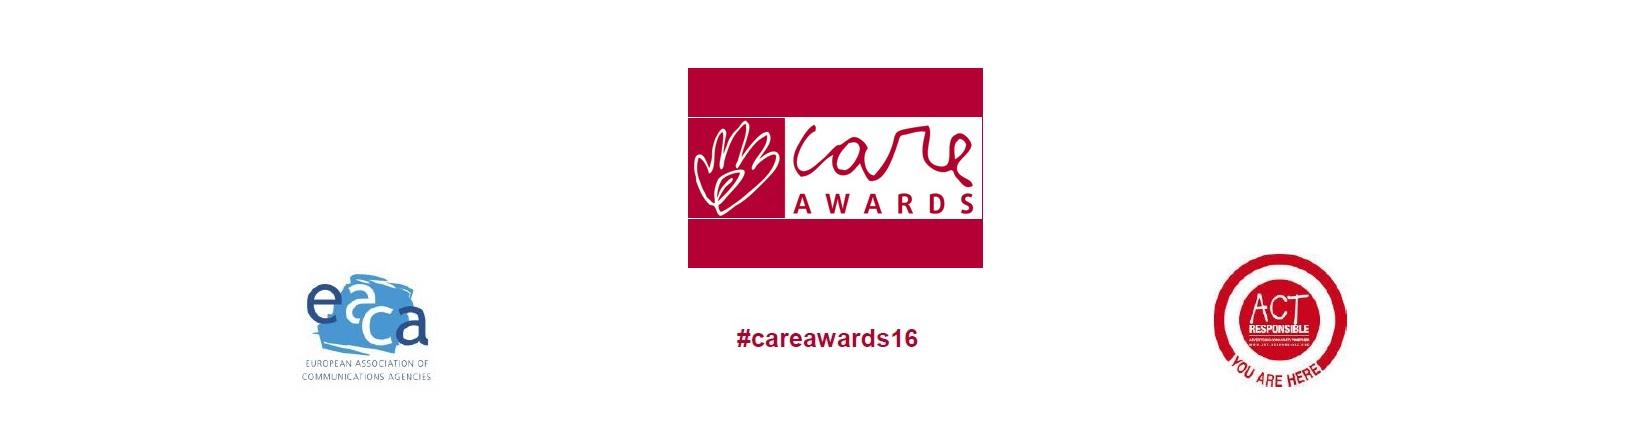 Prijave na The Care Awards 2016 so odprte!